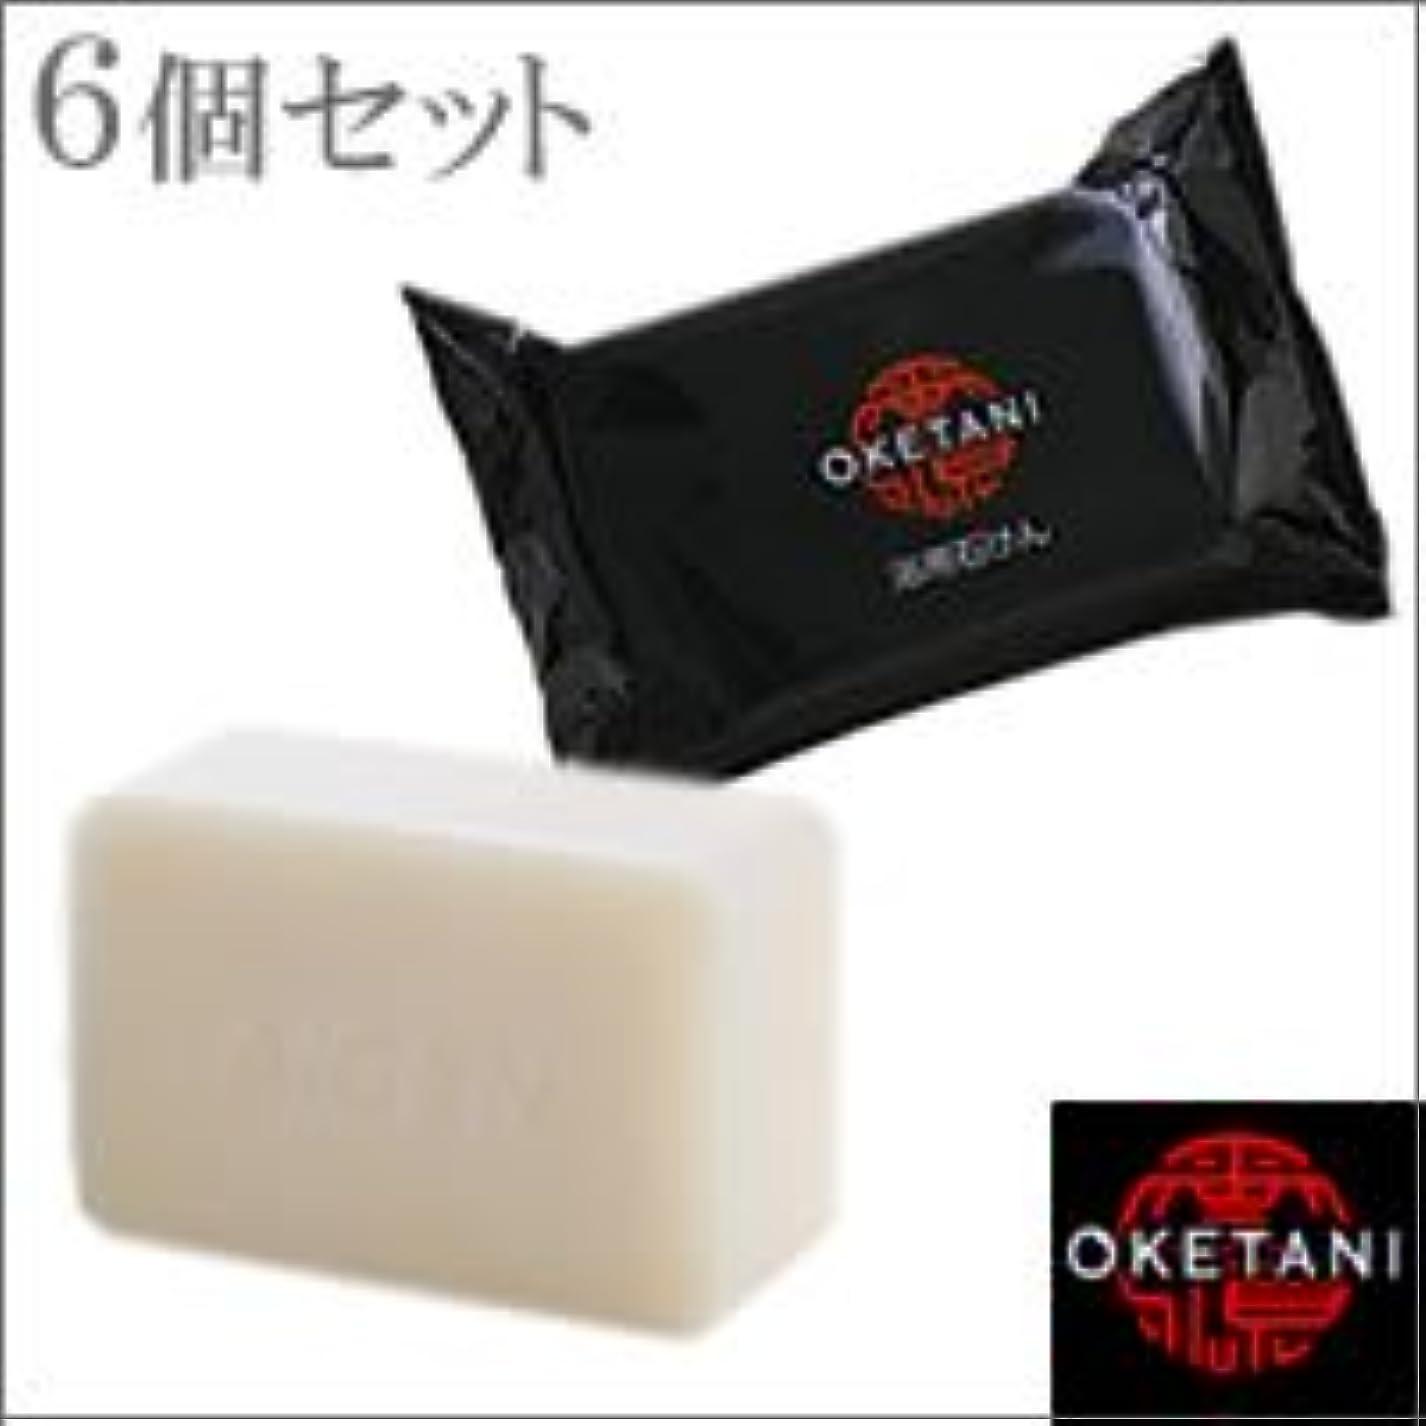 オークション扱う事業item_name:桶谷石鹸 アイゲン 浴用石けん 120g×6個